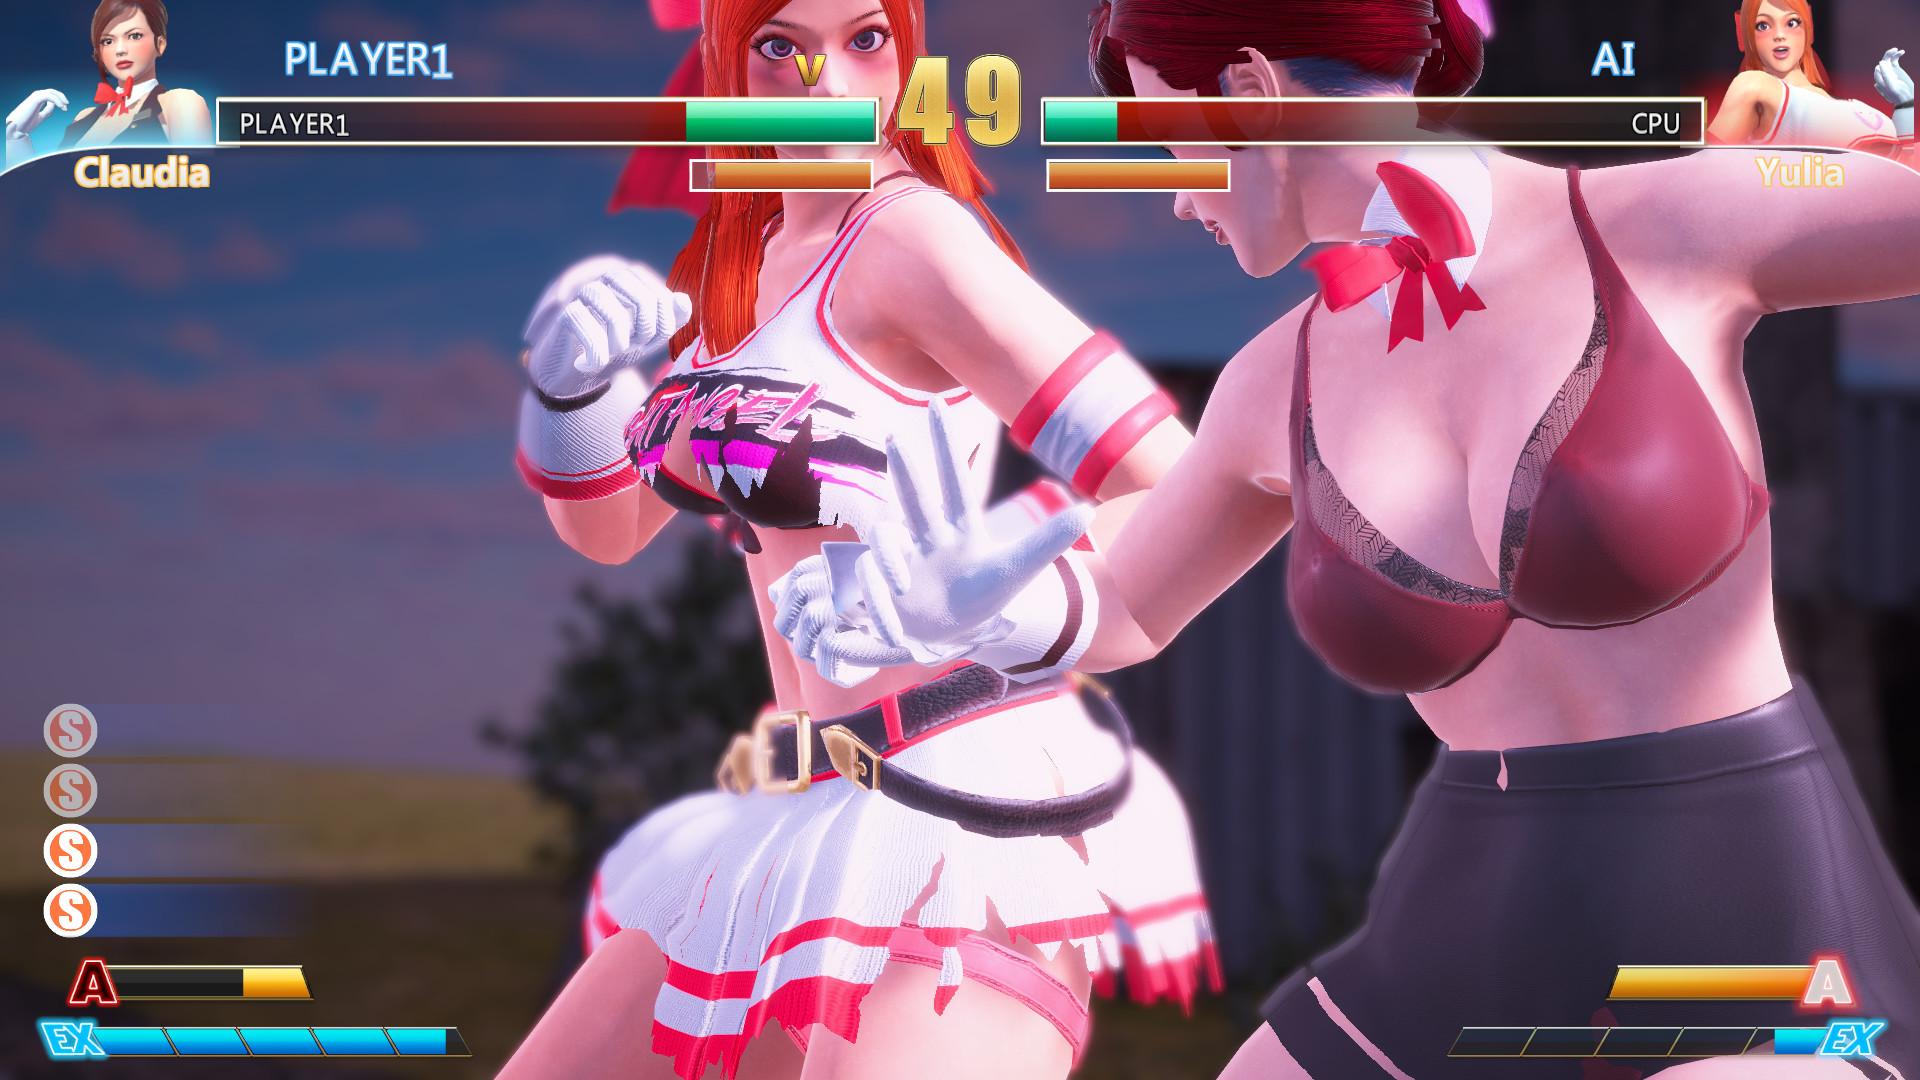 国产格斗《格斗天使》Steam抢先体验 小姐姐乳摇爆衣